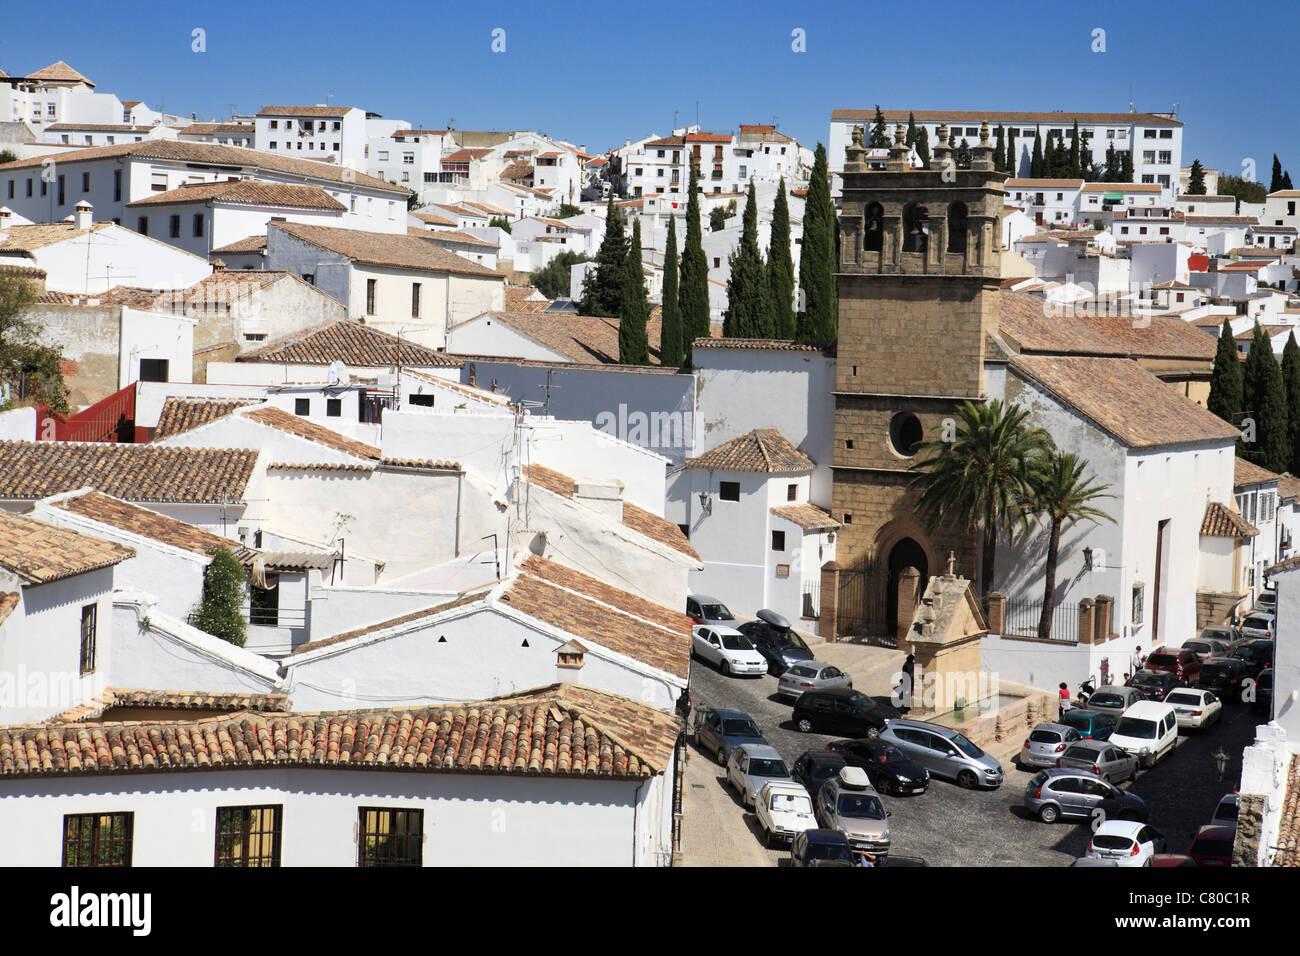 La città bianca di Ronda con la Iglesia de Nuestro Padre Jesús (chiesa), Andalusia, Spagna Immagini Stock